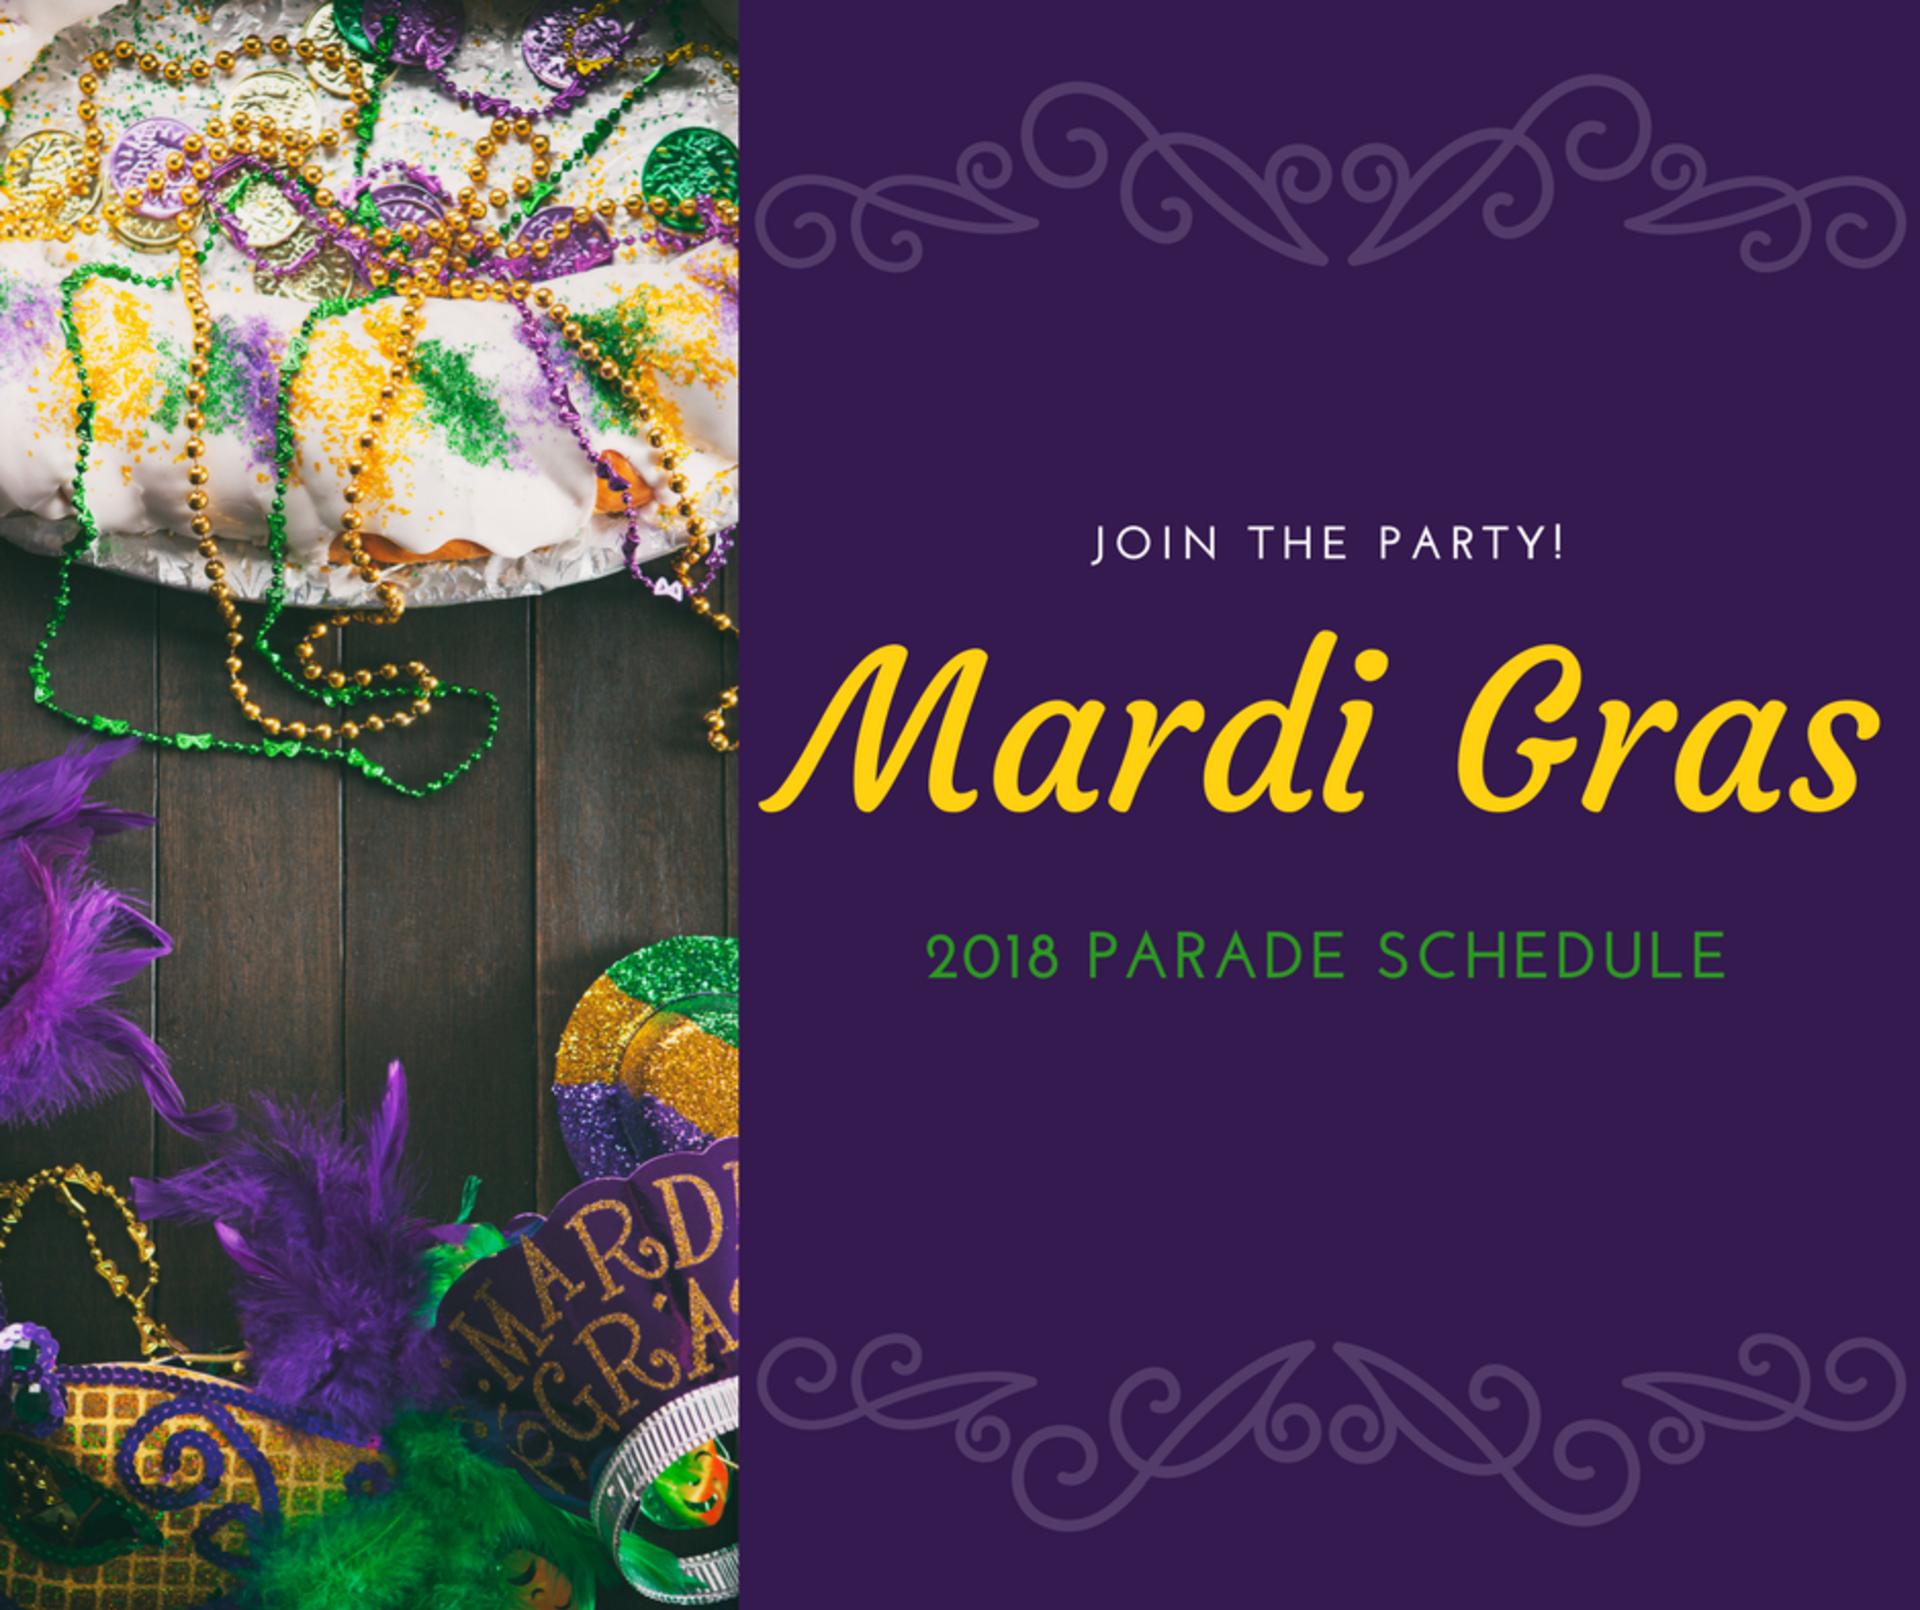 Mardi Gras 2018 Schedule